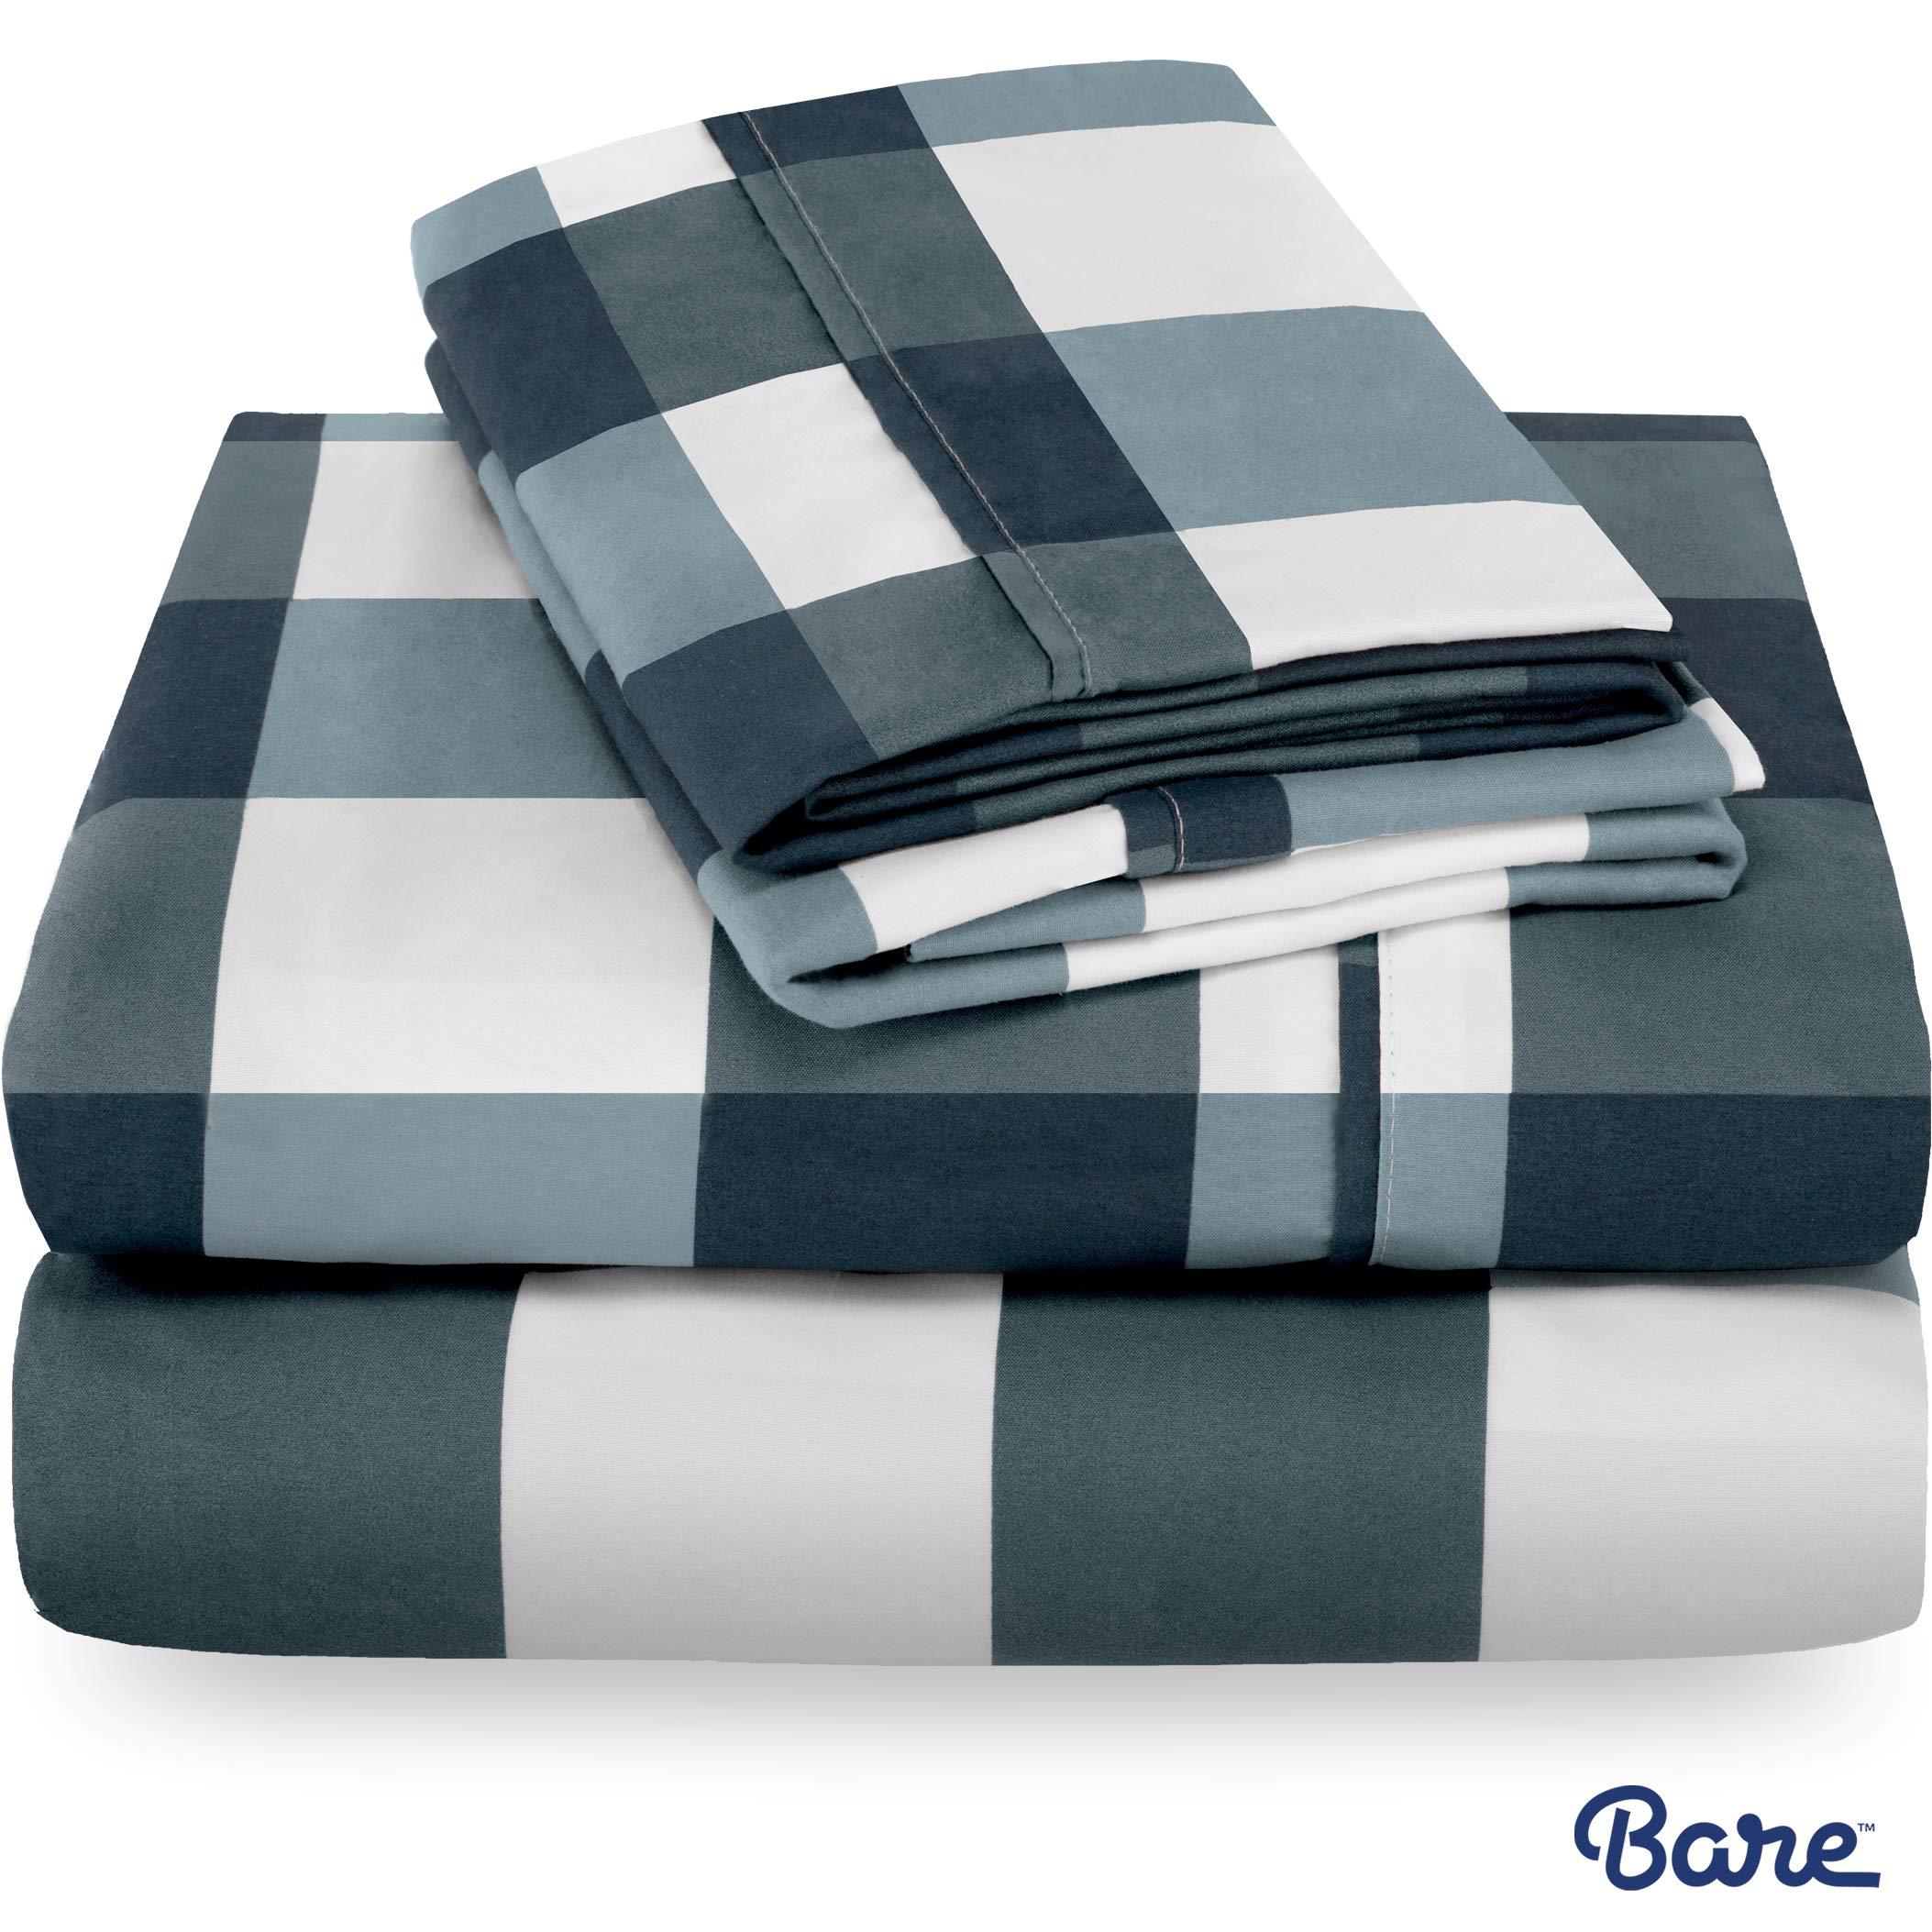 Bare Home Split King Sheet Set - 1800 Ultra-Soft Microfiber Bed Sheets - Double Brushed Breathable Bedding - Hypoallergenic – Wrinkle Resistant - Deep Pocket (Split King, Gingham Blue)